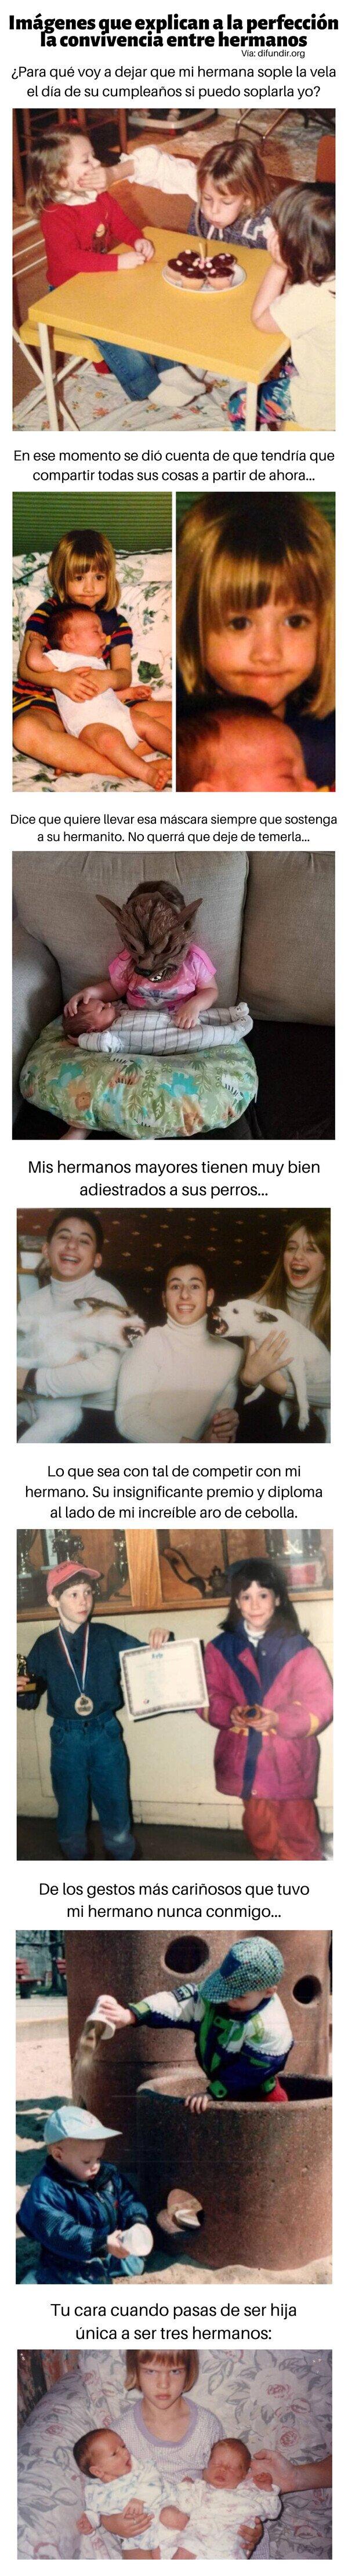 Meme_otros - Imágenes que explican a la perfección la convivencia entre hermanos